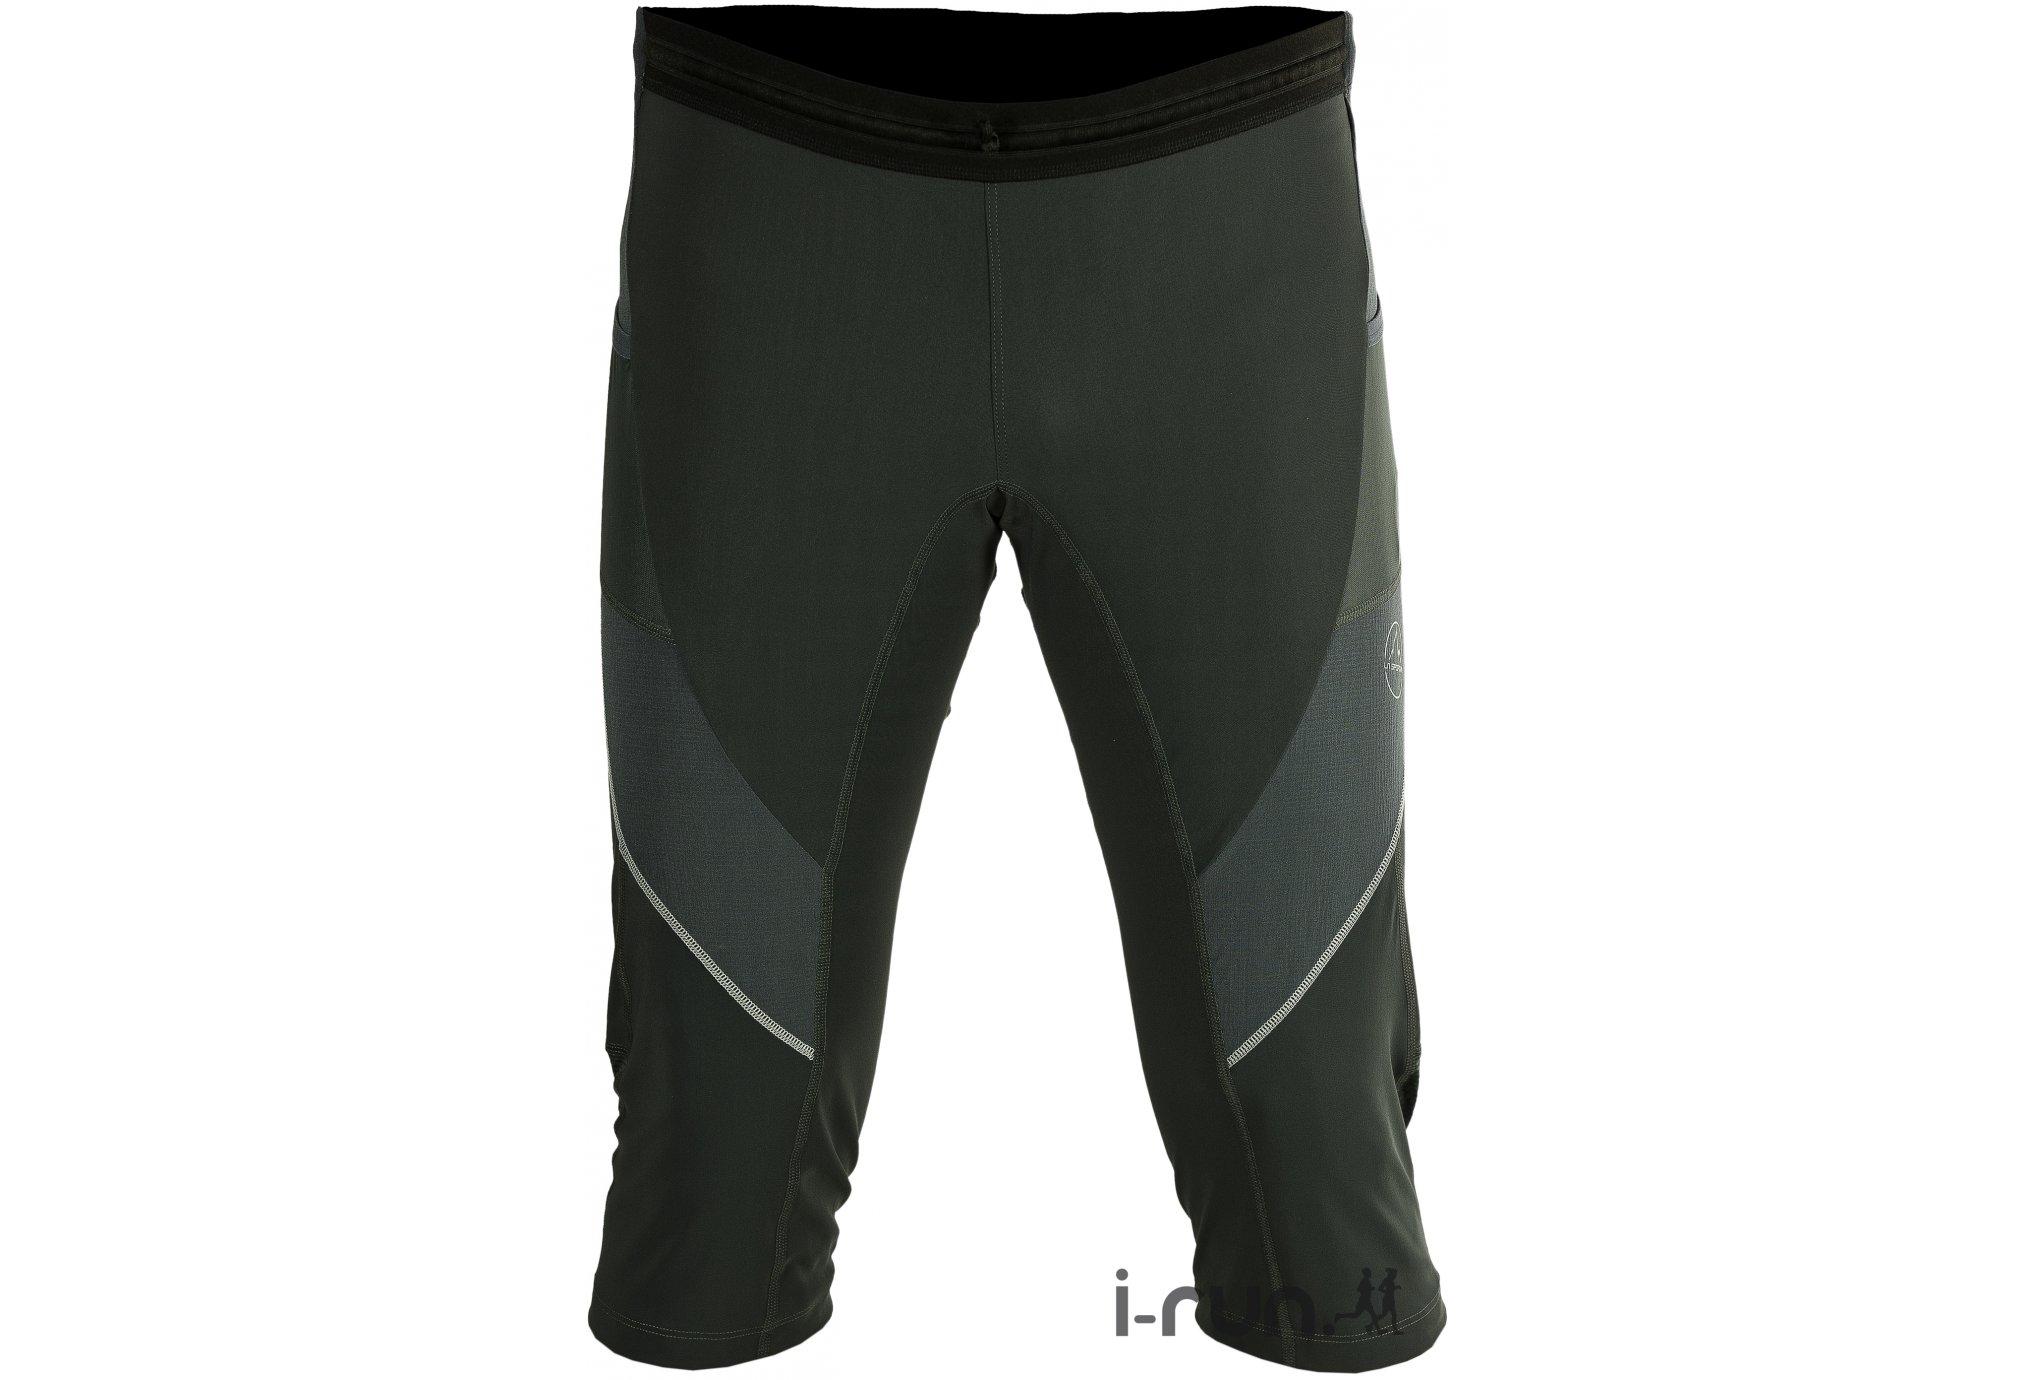 La Sportiva Collant 3/4 Core M Diététique Vêtements homme